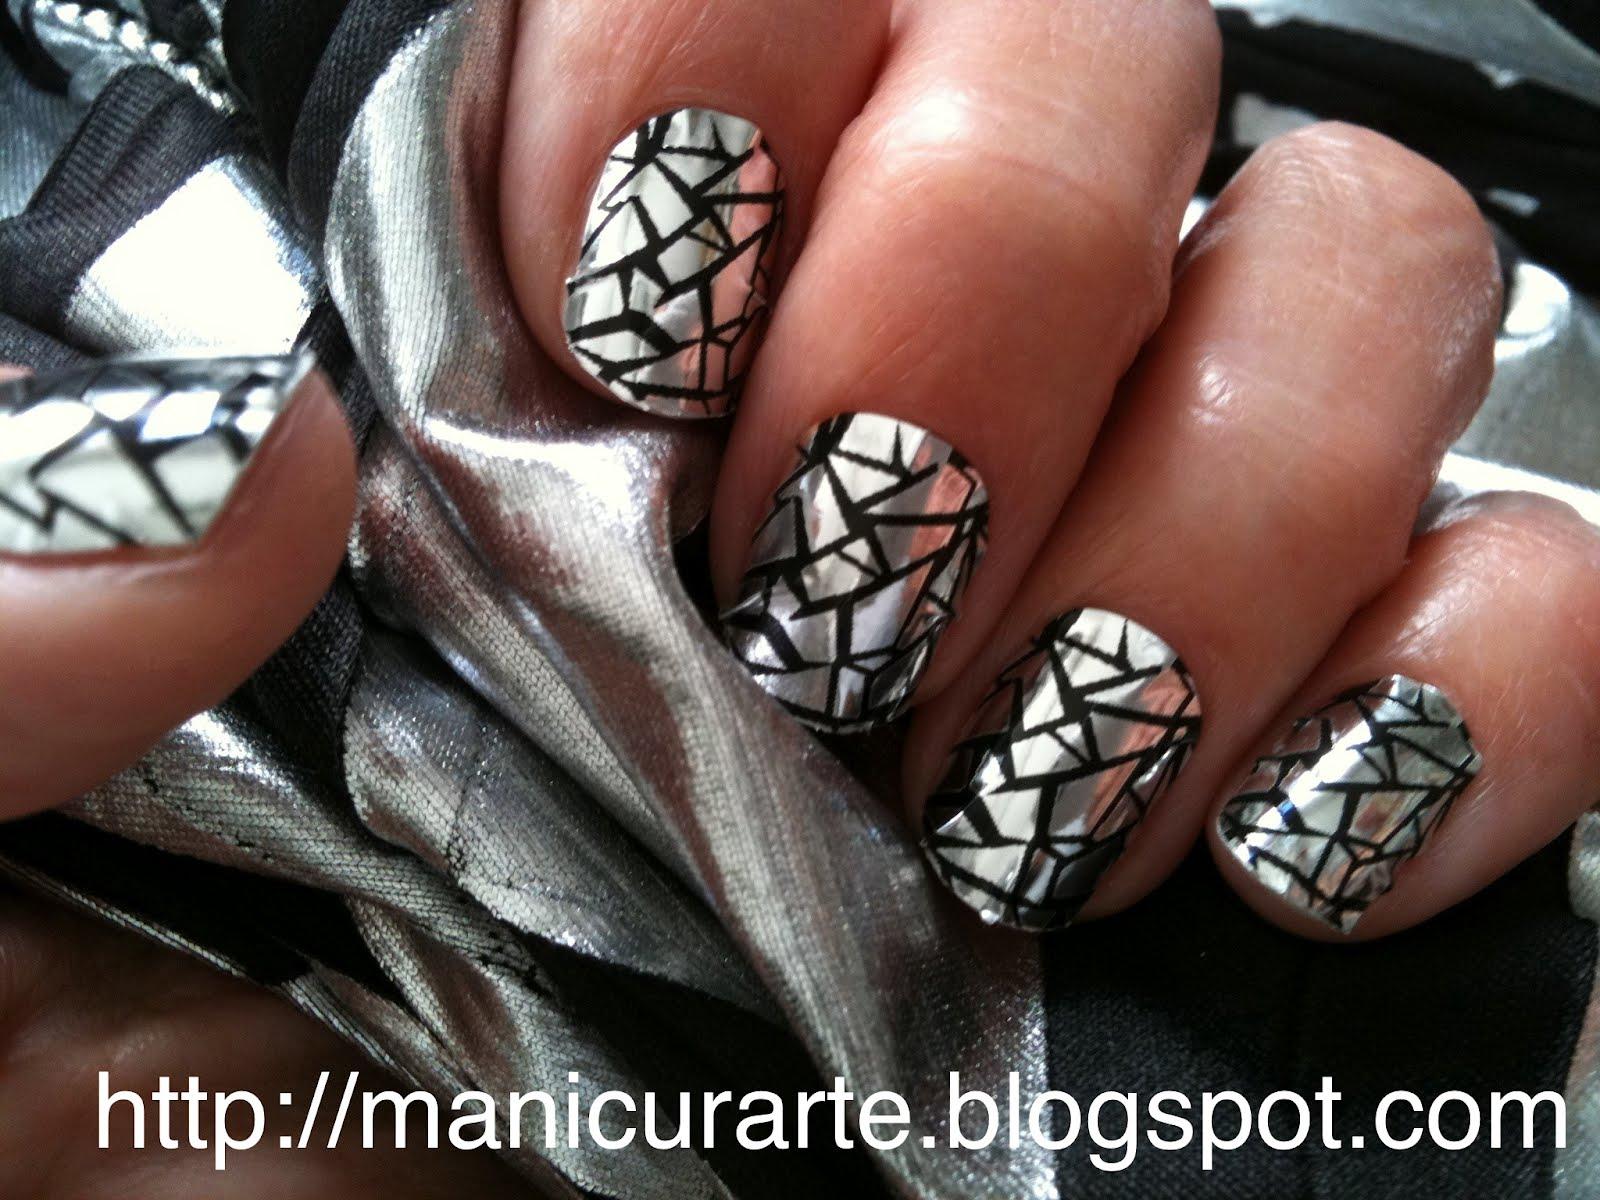 MANICURARTE*: Metallic foils nails / manicura metálica